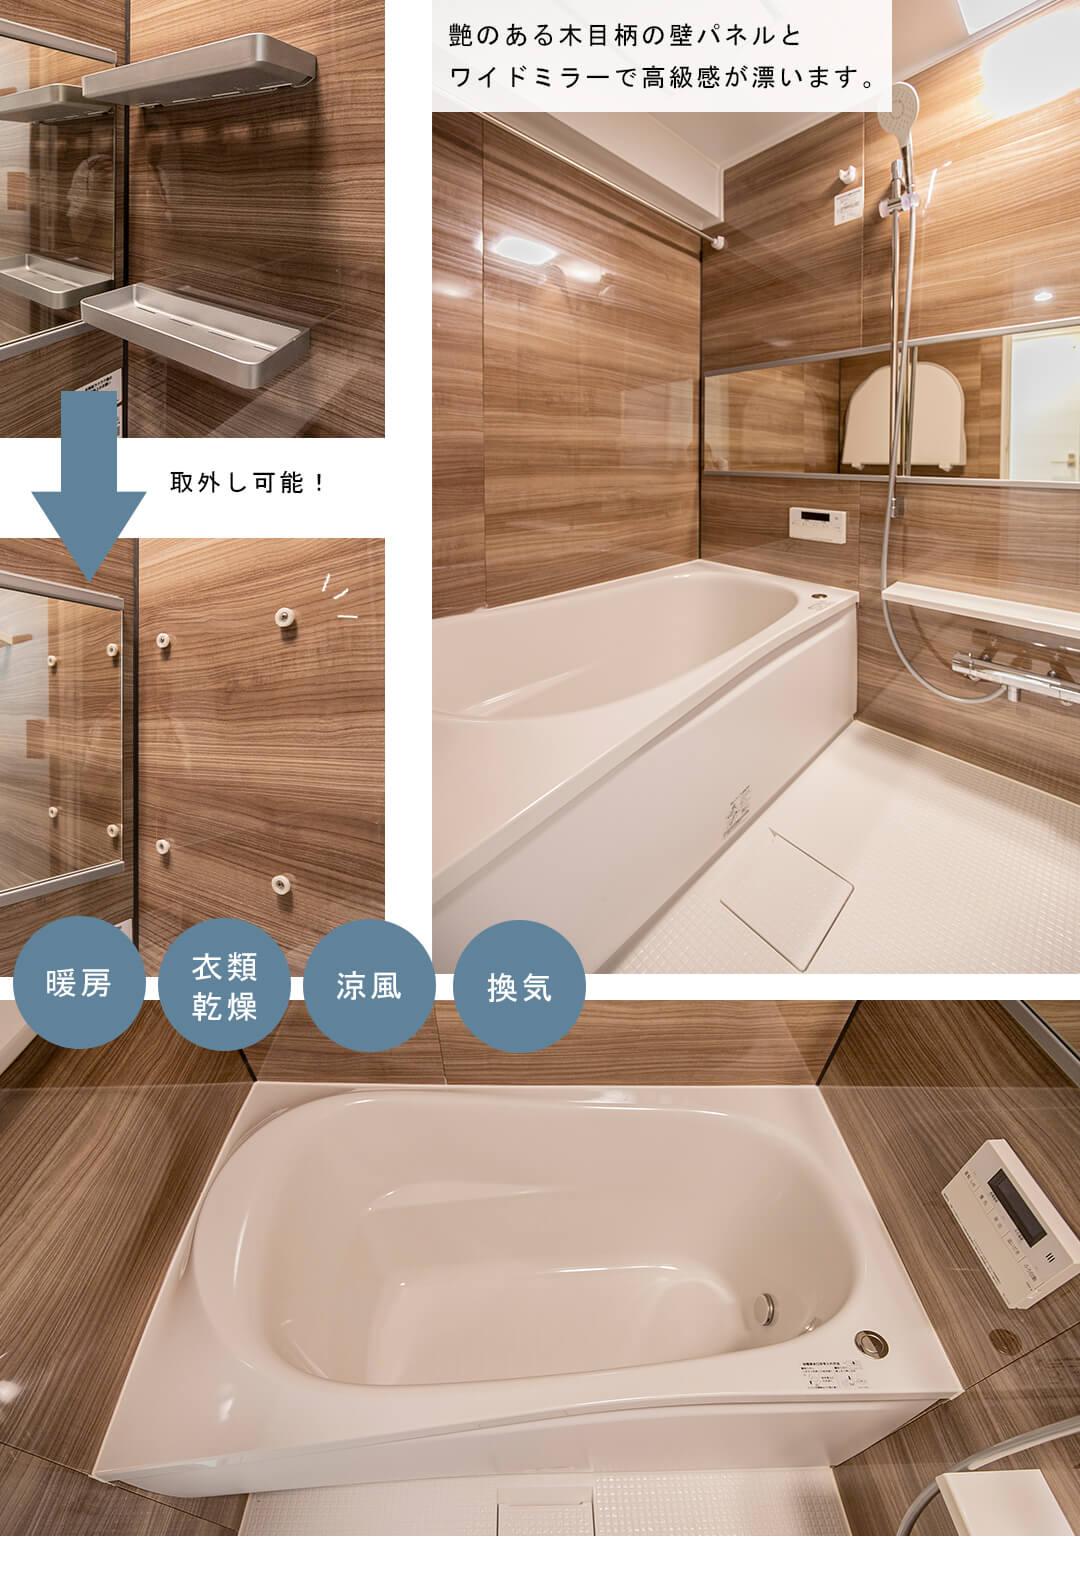 下落合ハウスの浴室